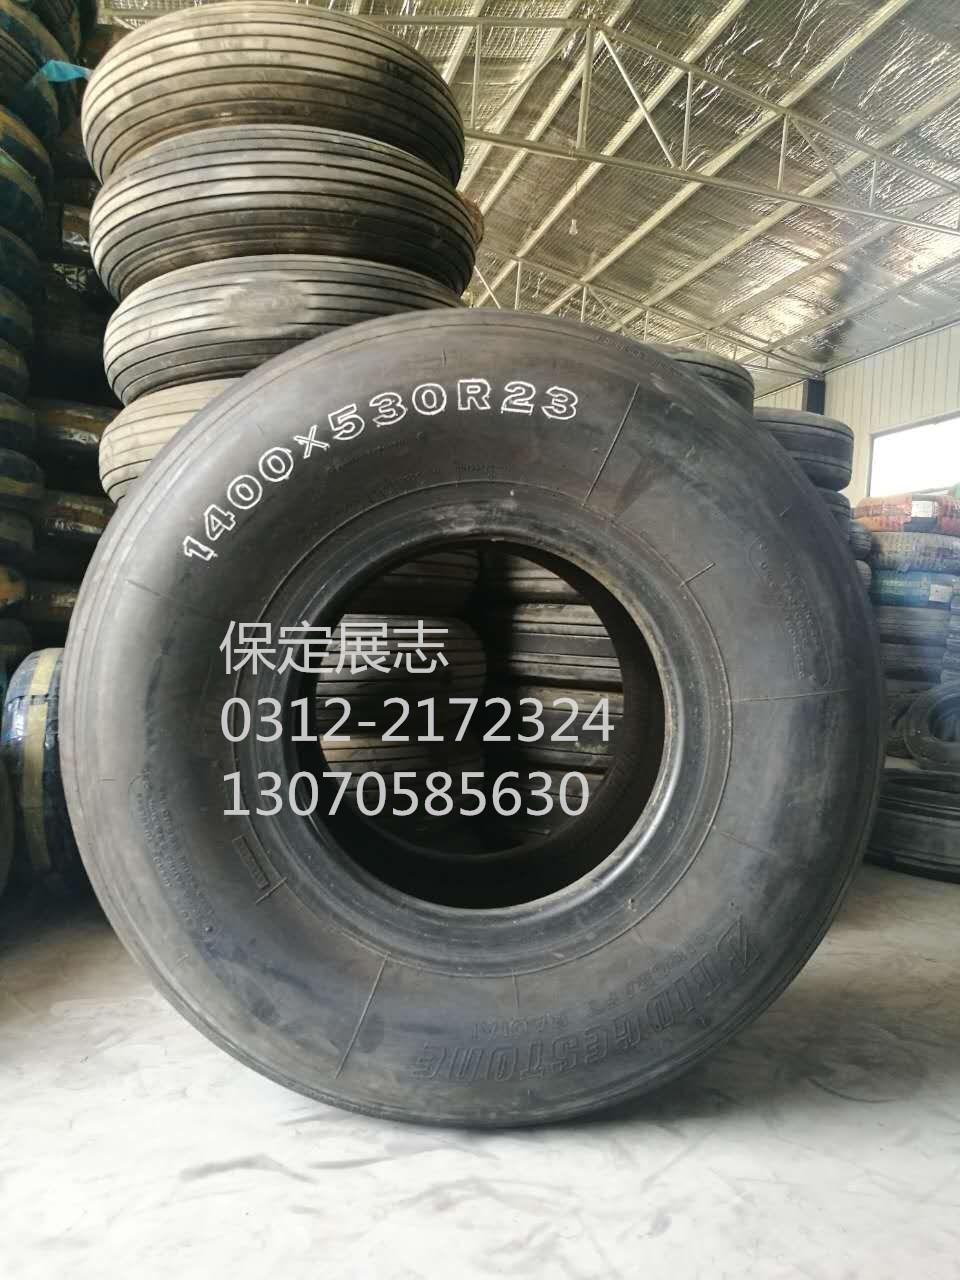 护舷飞机轮胎 、防碰撞轮胎